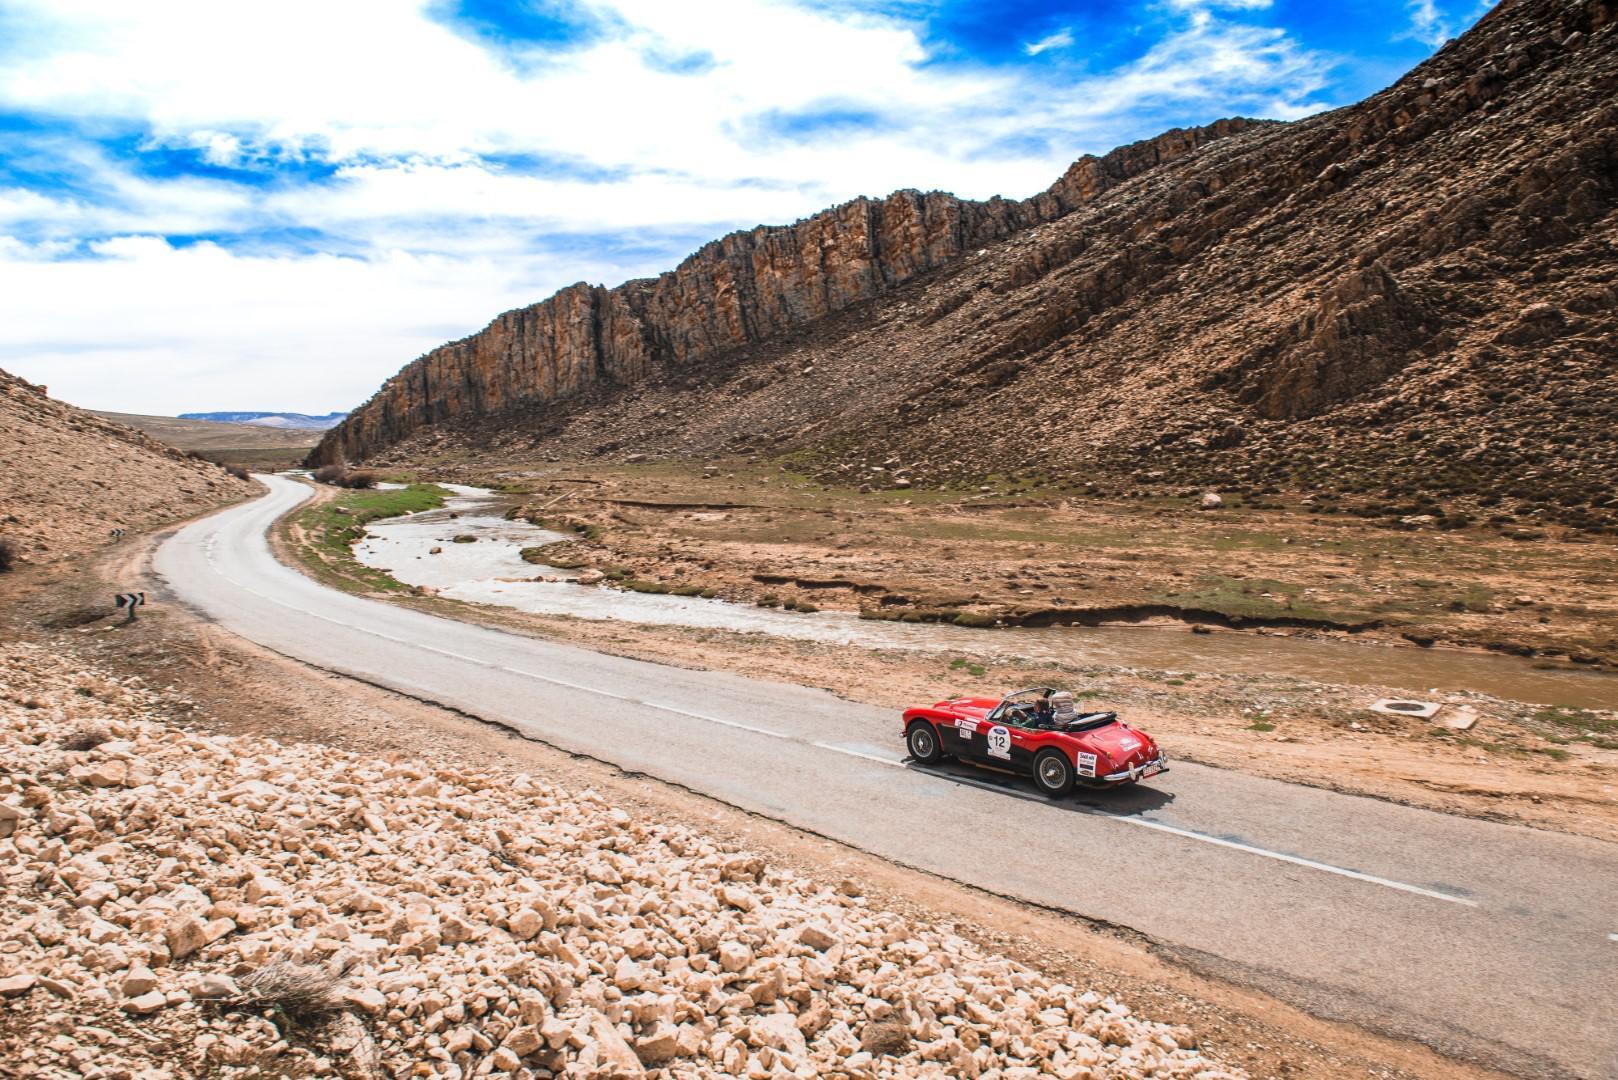 victoire-marocaine-pour-le-25eme-anniversaire-du-rallye-maroc-classic-680-12.jpg